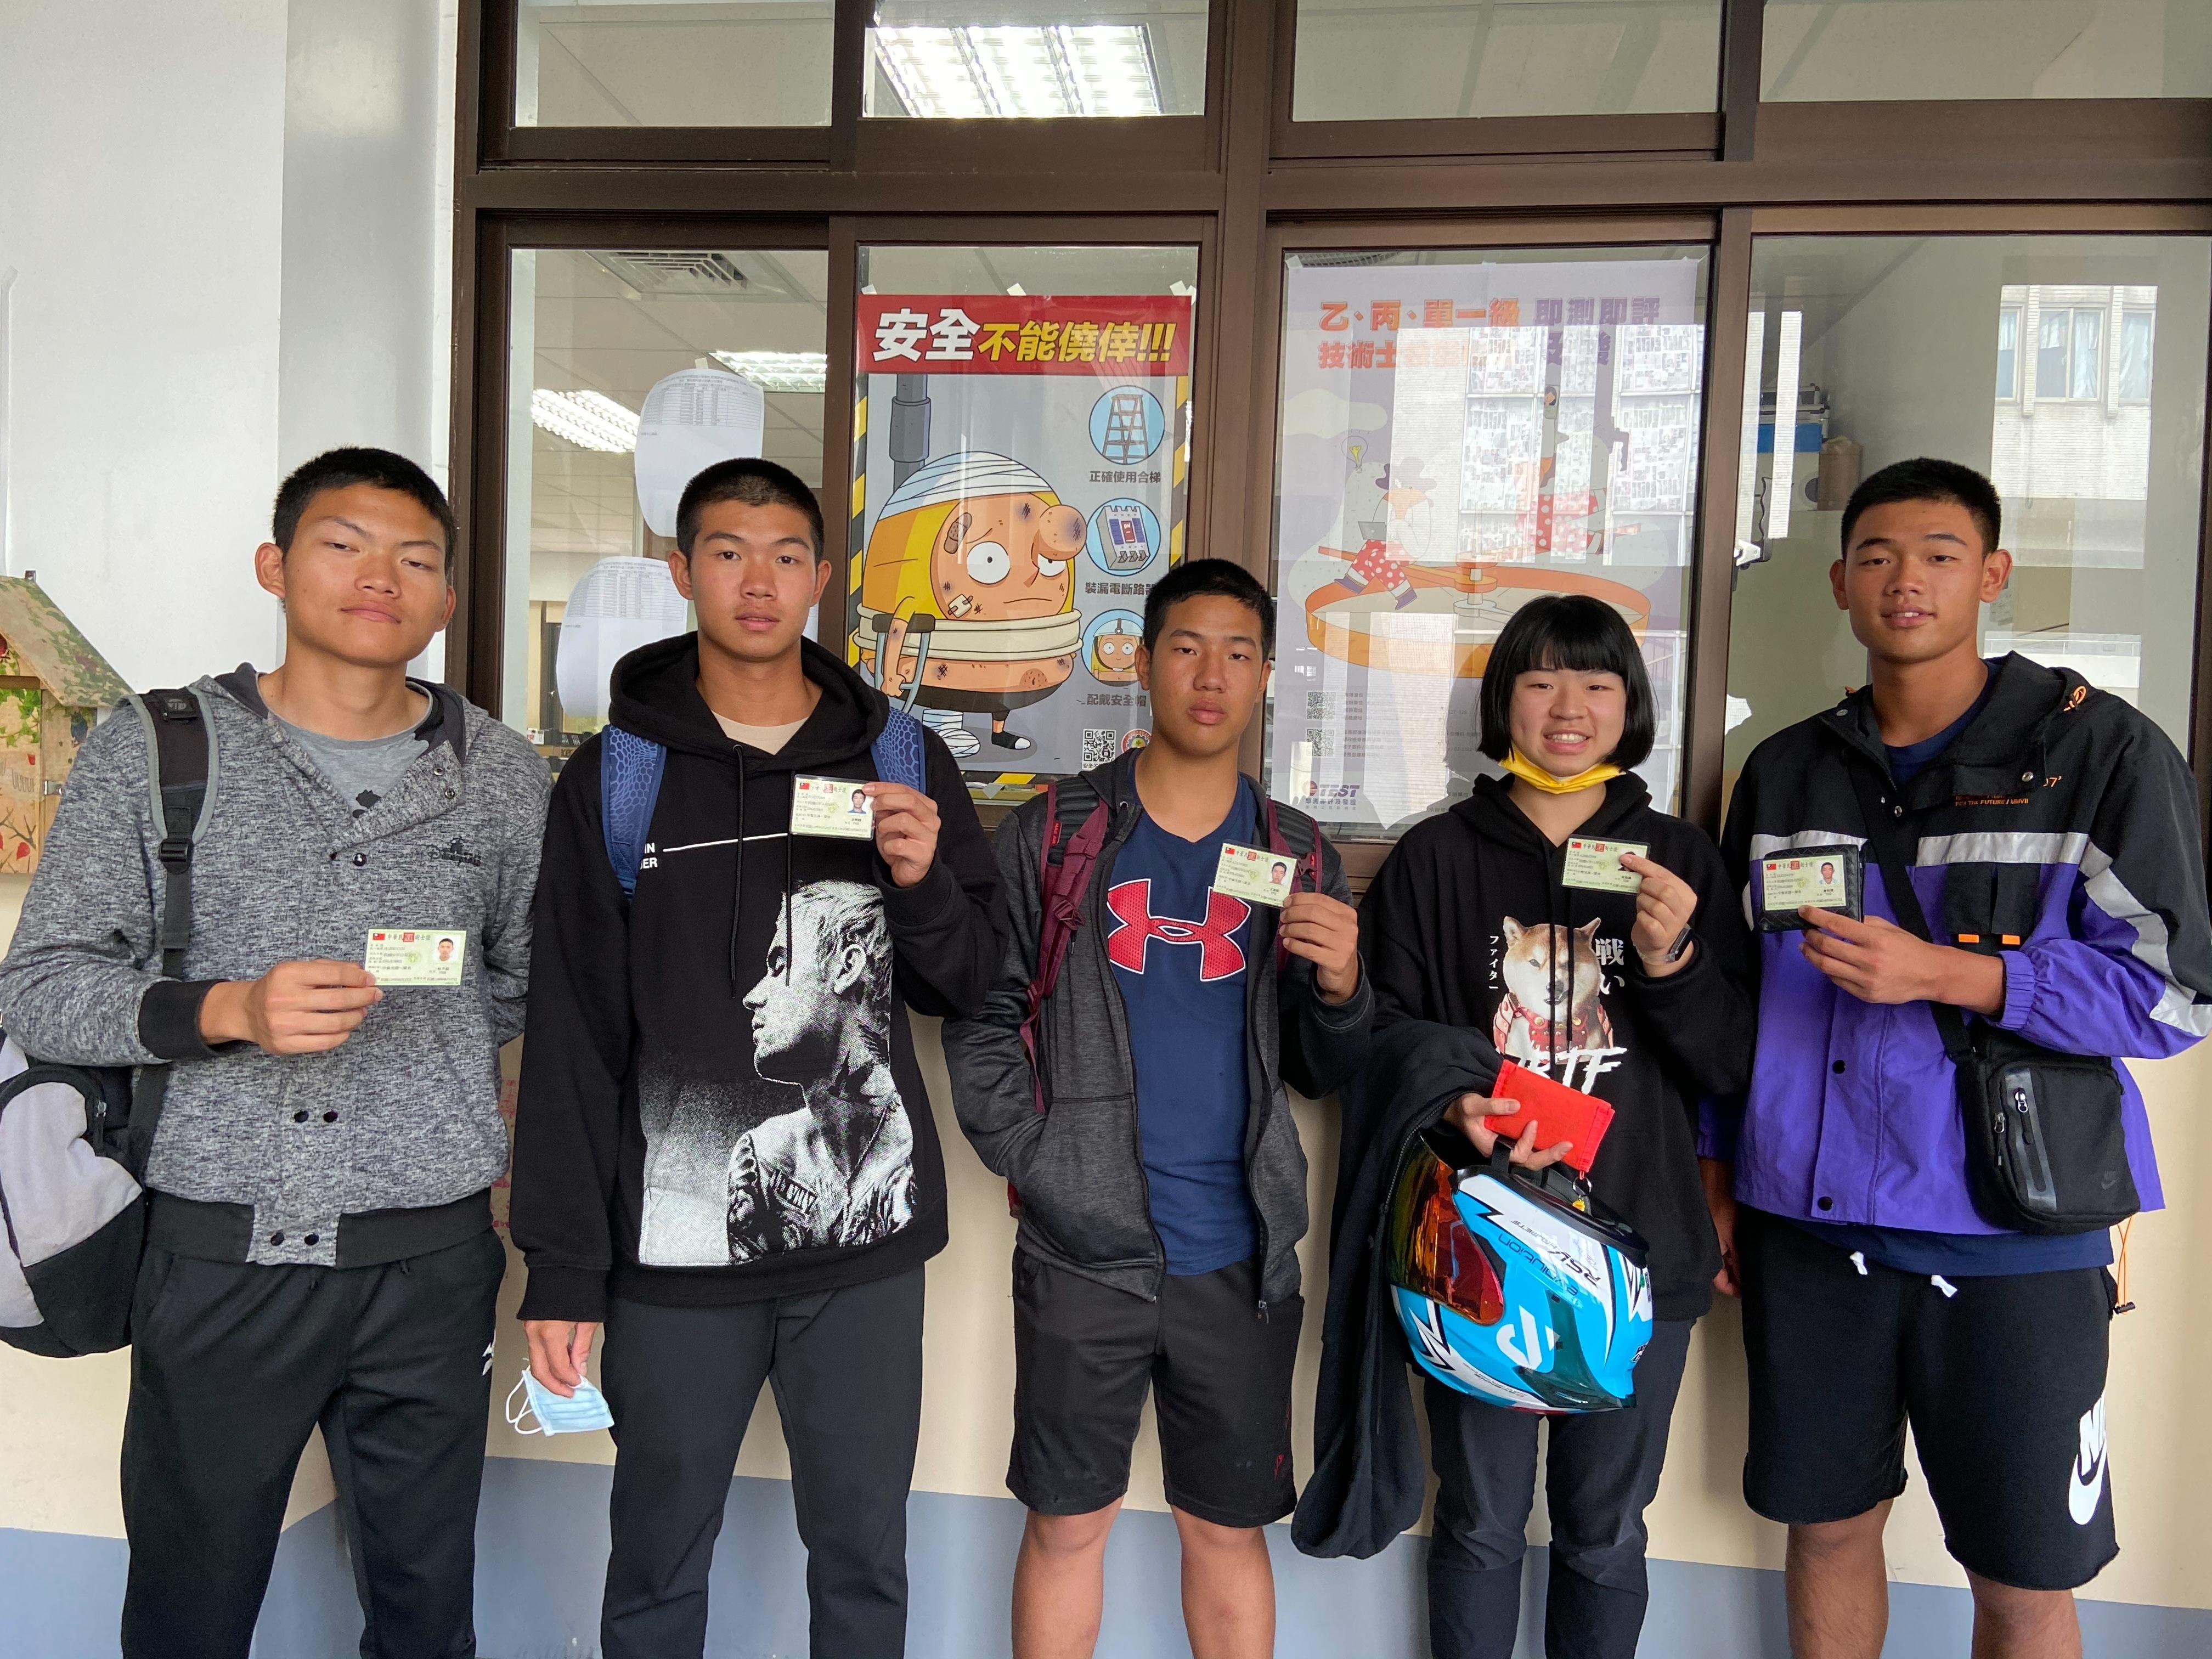 04取得技術士證照的學生於檢定現場合影